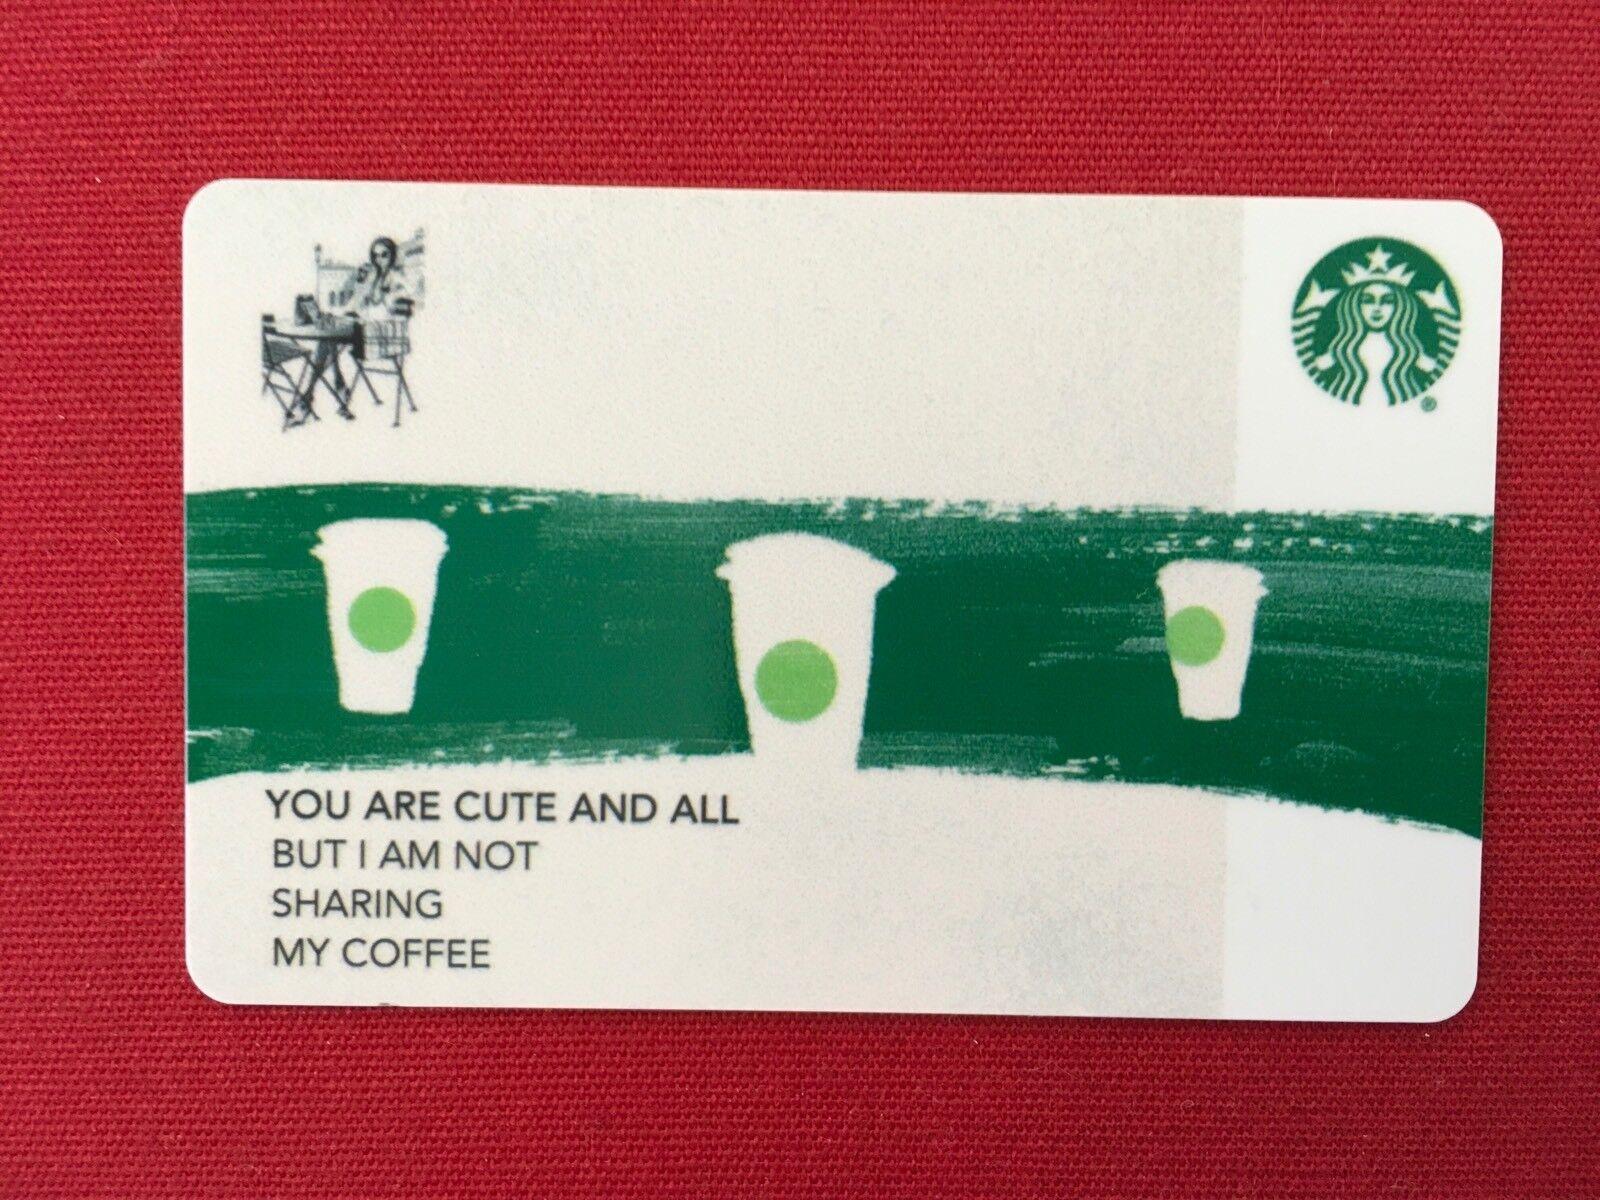 STARBUCKS GIFT CARD BUSINESS CARD - GREEN STRIPE CO BRANDED ...